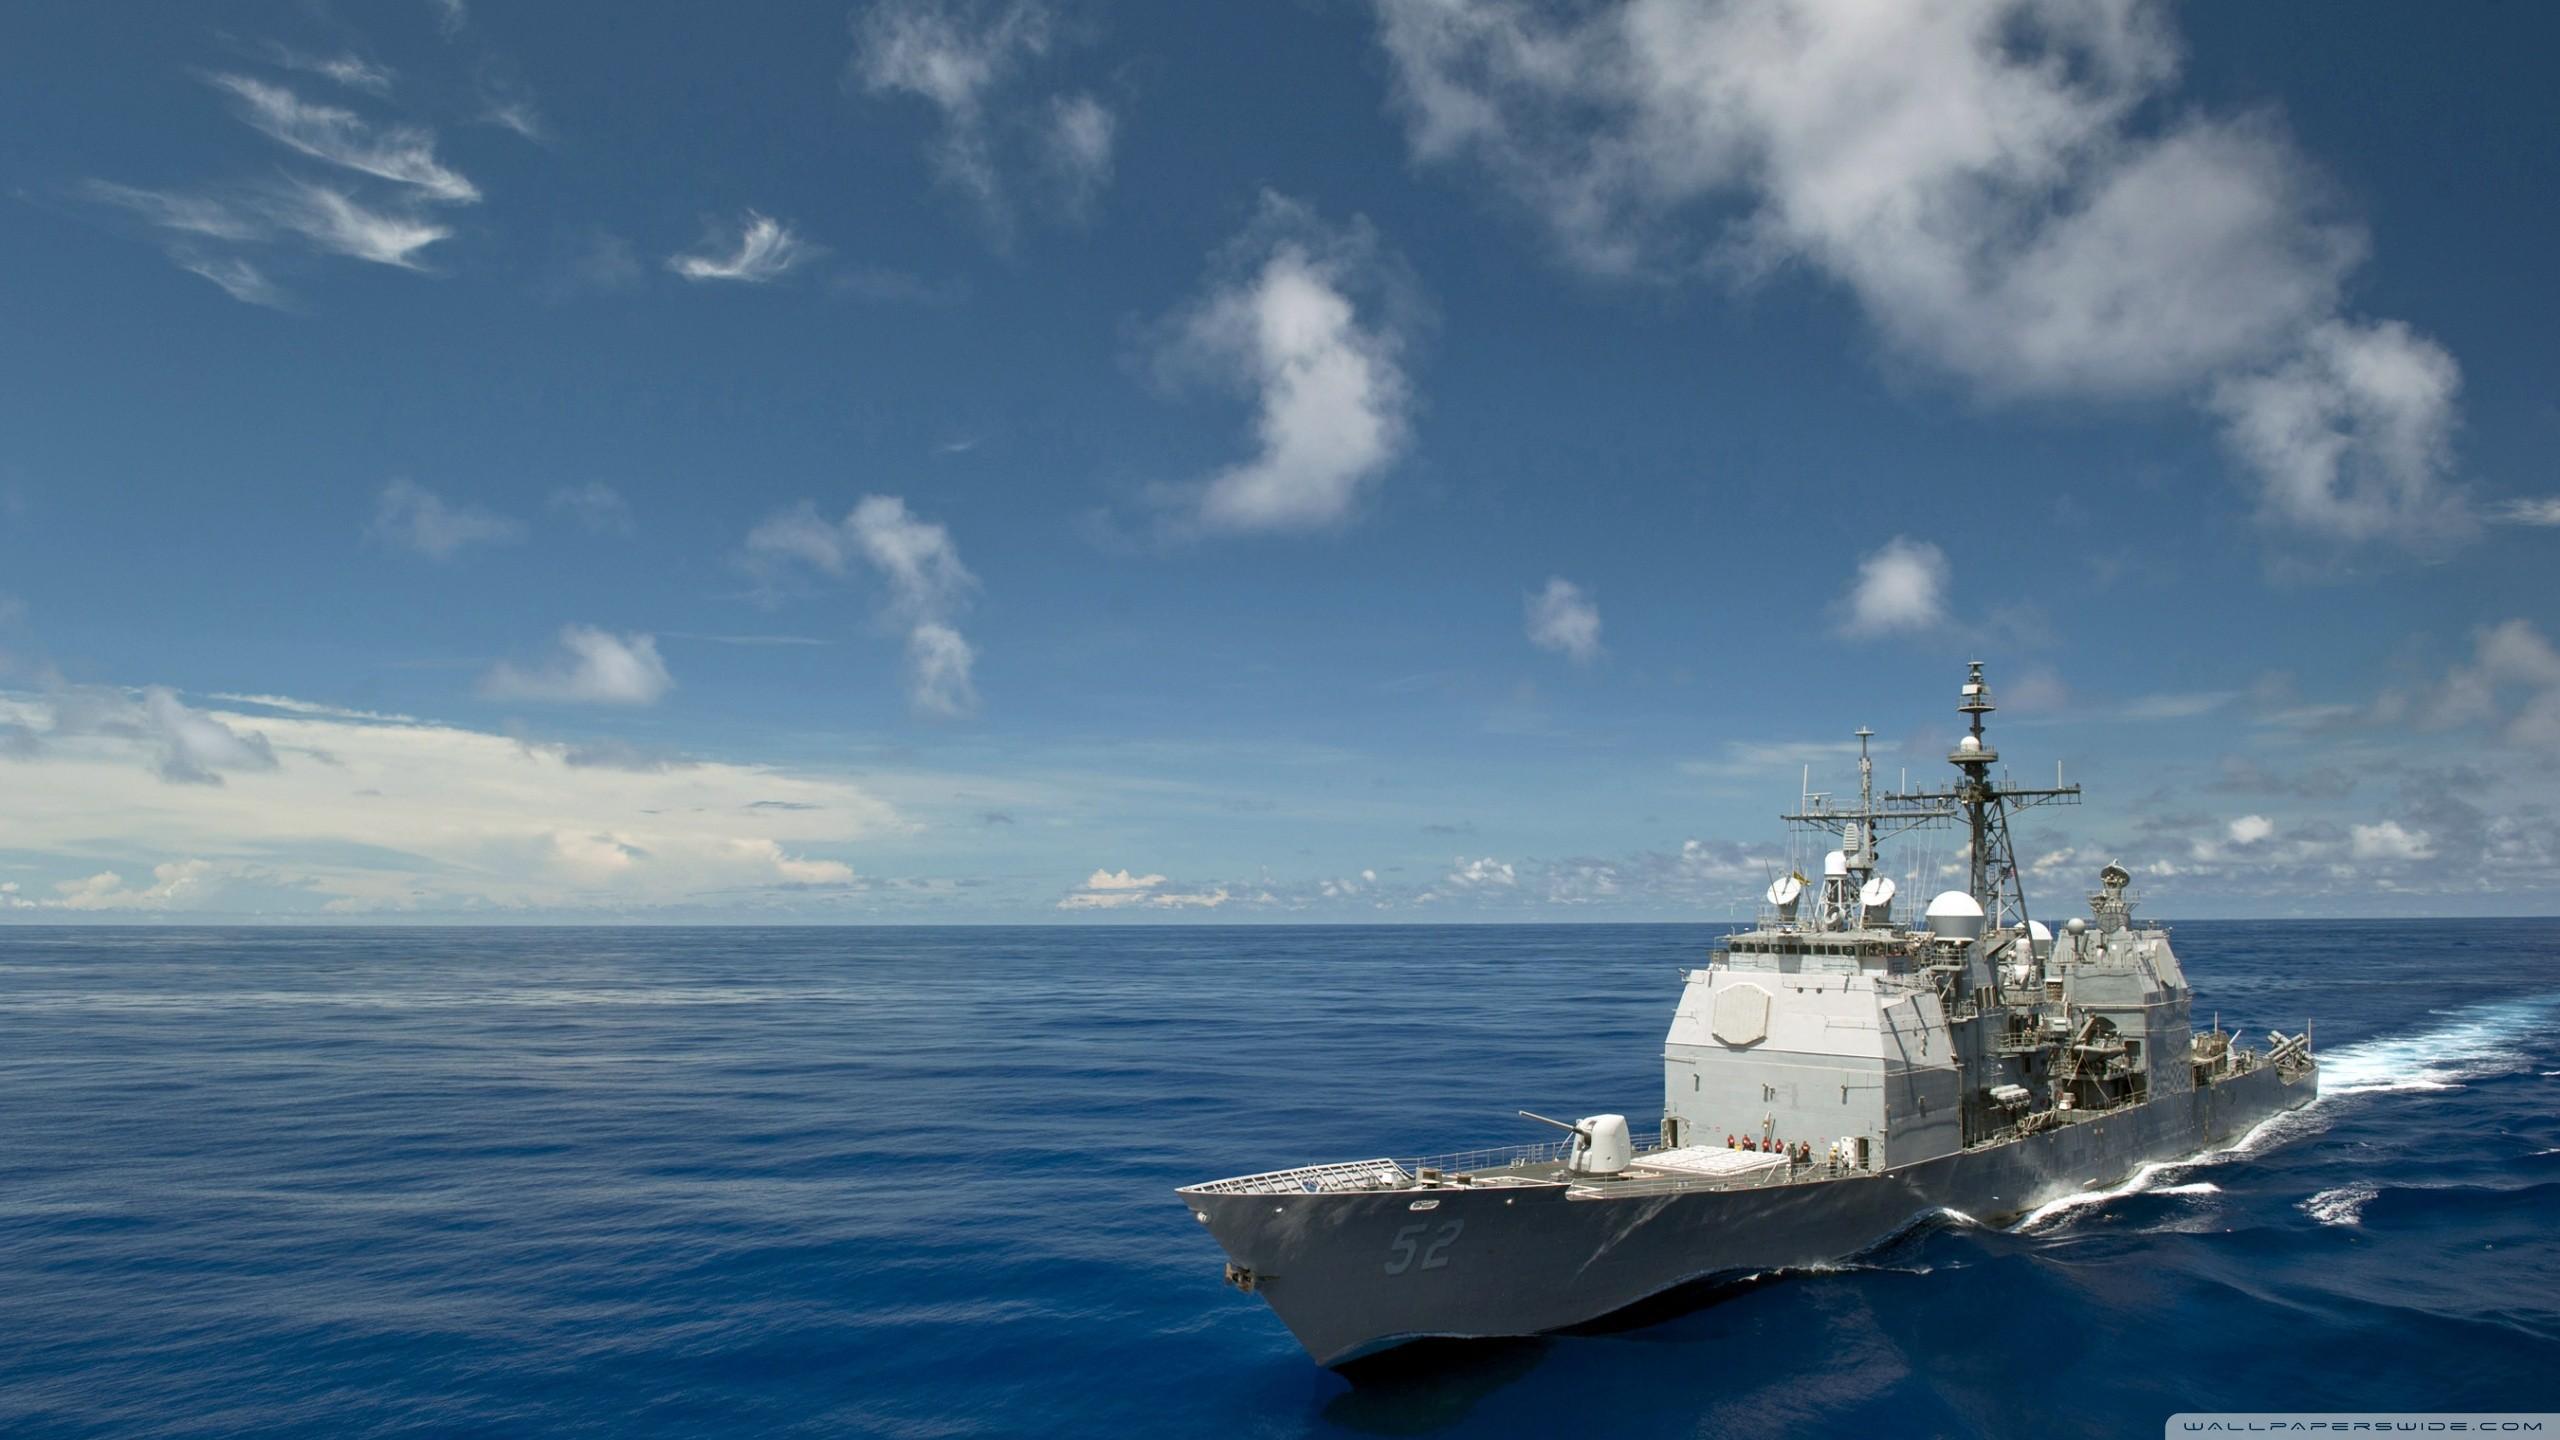 … navy ship hd desktop wallpaper high definition fullscreen …